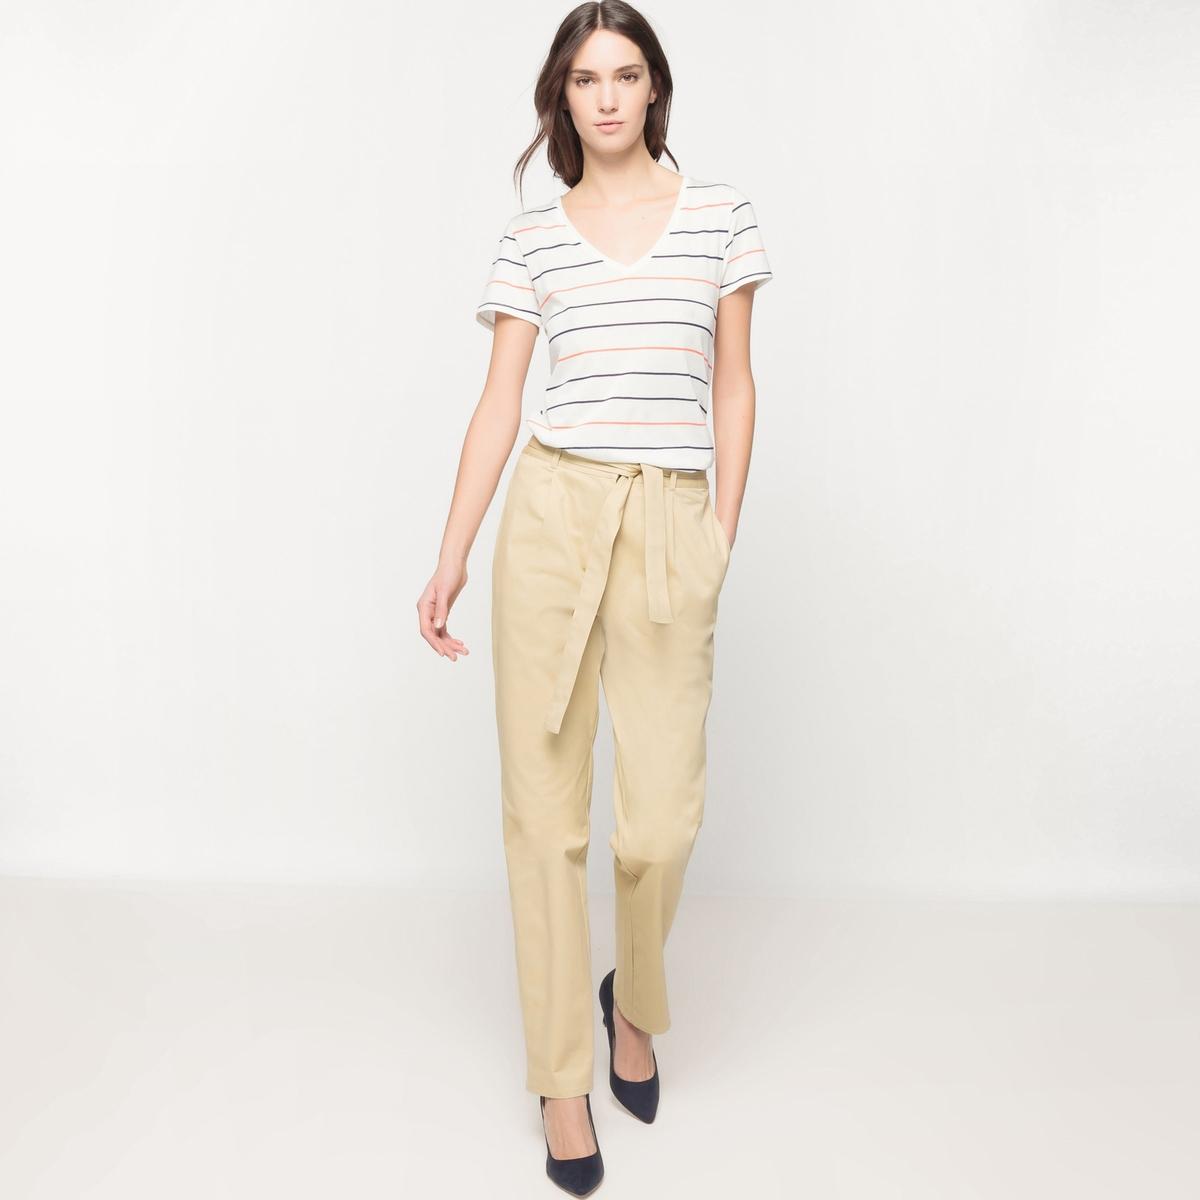 Прямые брюки с поясом с завязкамиМатериал : 97% хлопка, 3% эластана Рисунок : однотонная модель  Высота пояса : высокий поясПокрой брюк : прямой<br><br>Цвет: бежевый<br>Размер: 44 (FR) - 50 (RUS).36 (FR) - 42 (RUS)